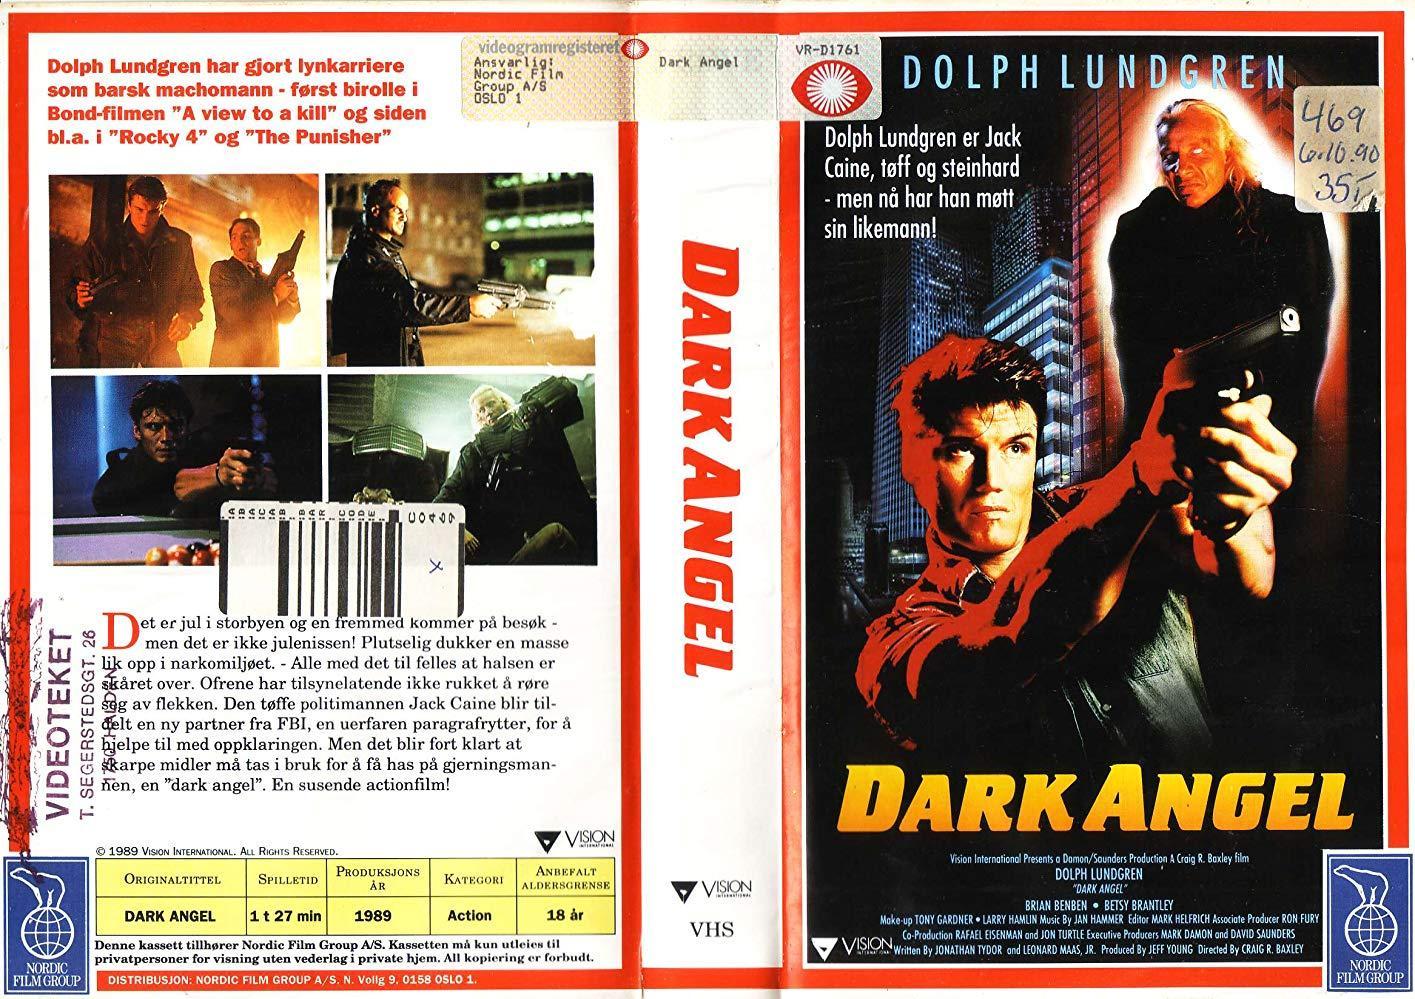 مشاهدة فيلم Dark Angel 1990 HD مترجم كامل اون لاين